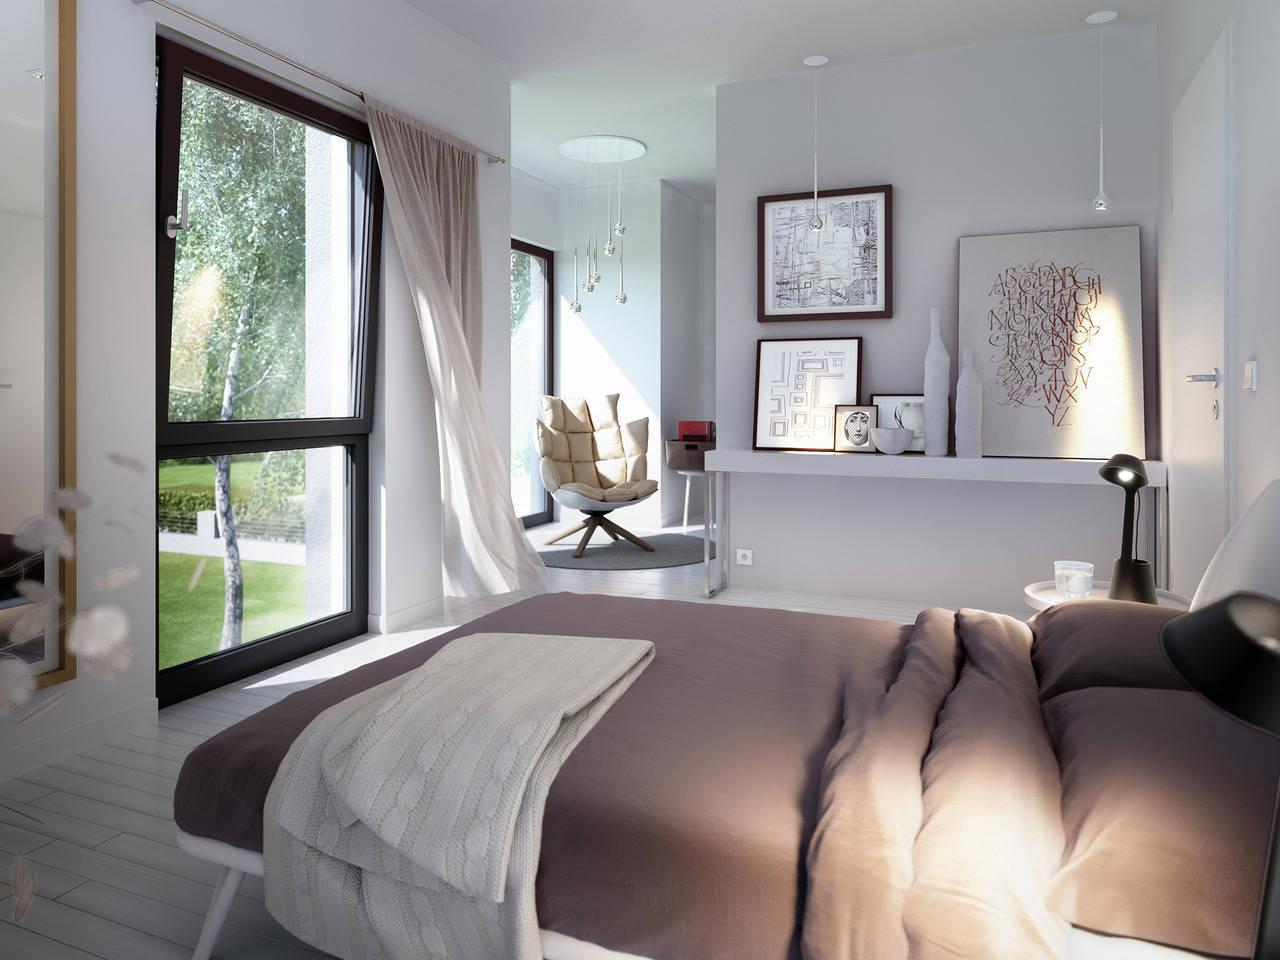 Haus Solution 106 V9 Schlafzimmer von Living Haus